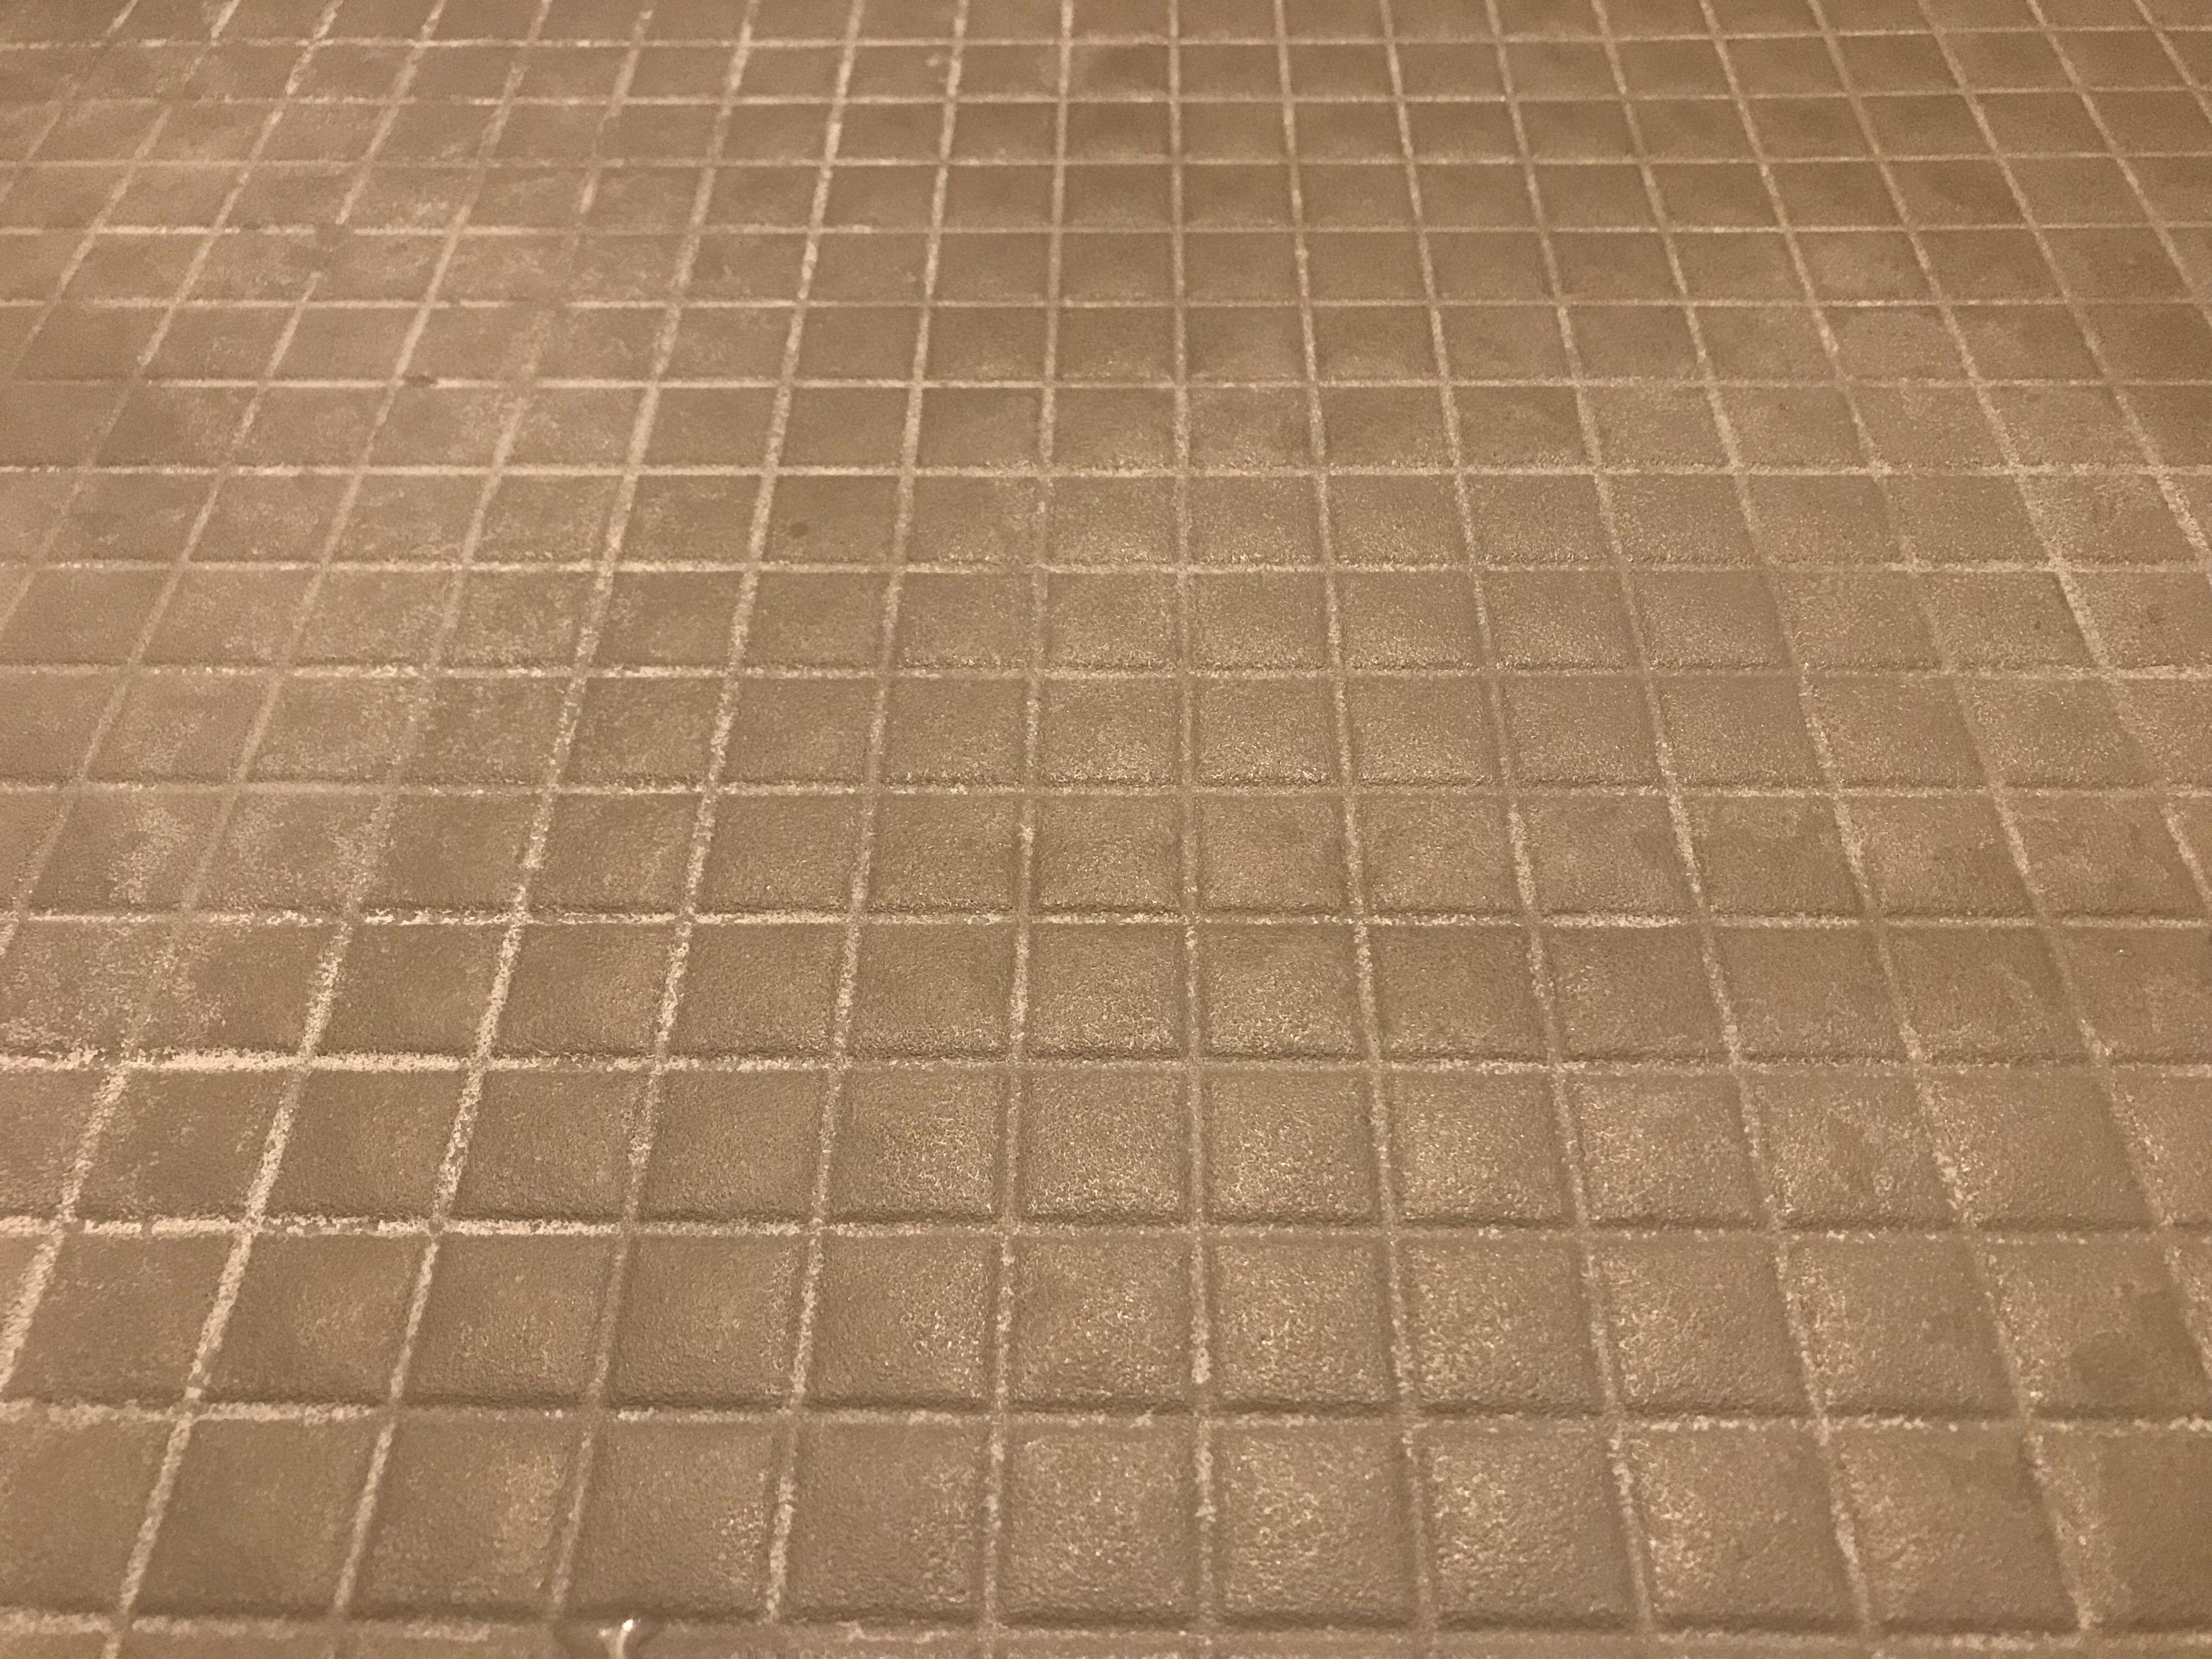 お風呂の床の黒ずみや白い汚れに効く洗剤見つけたーッ おすすめの掃除